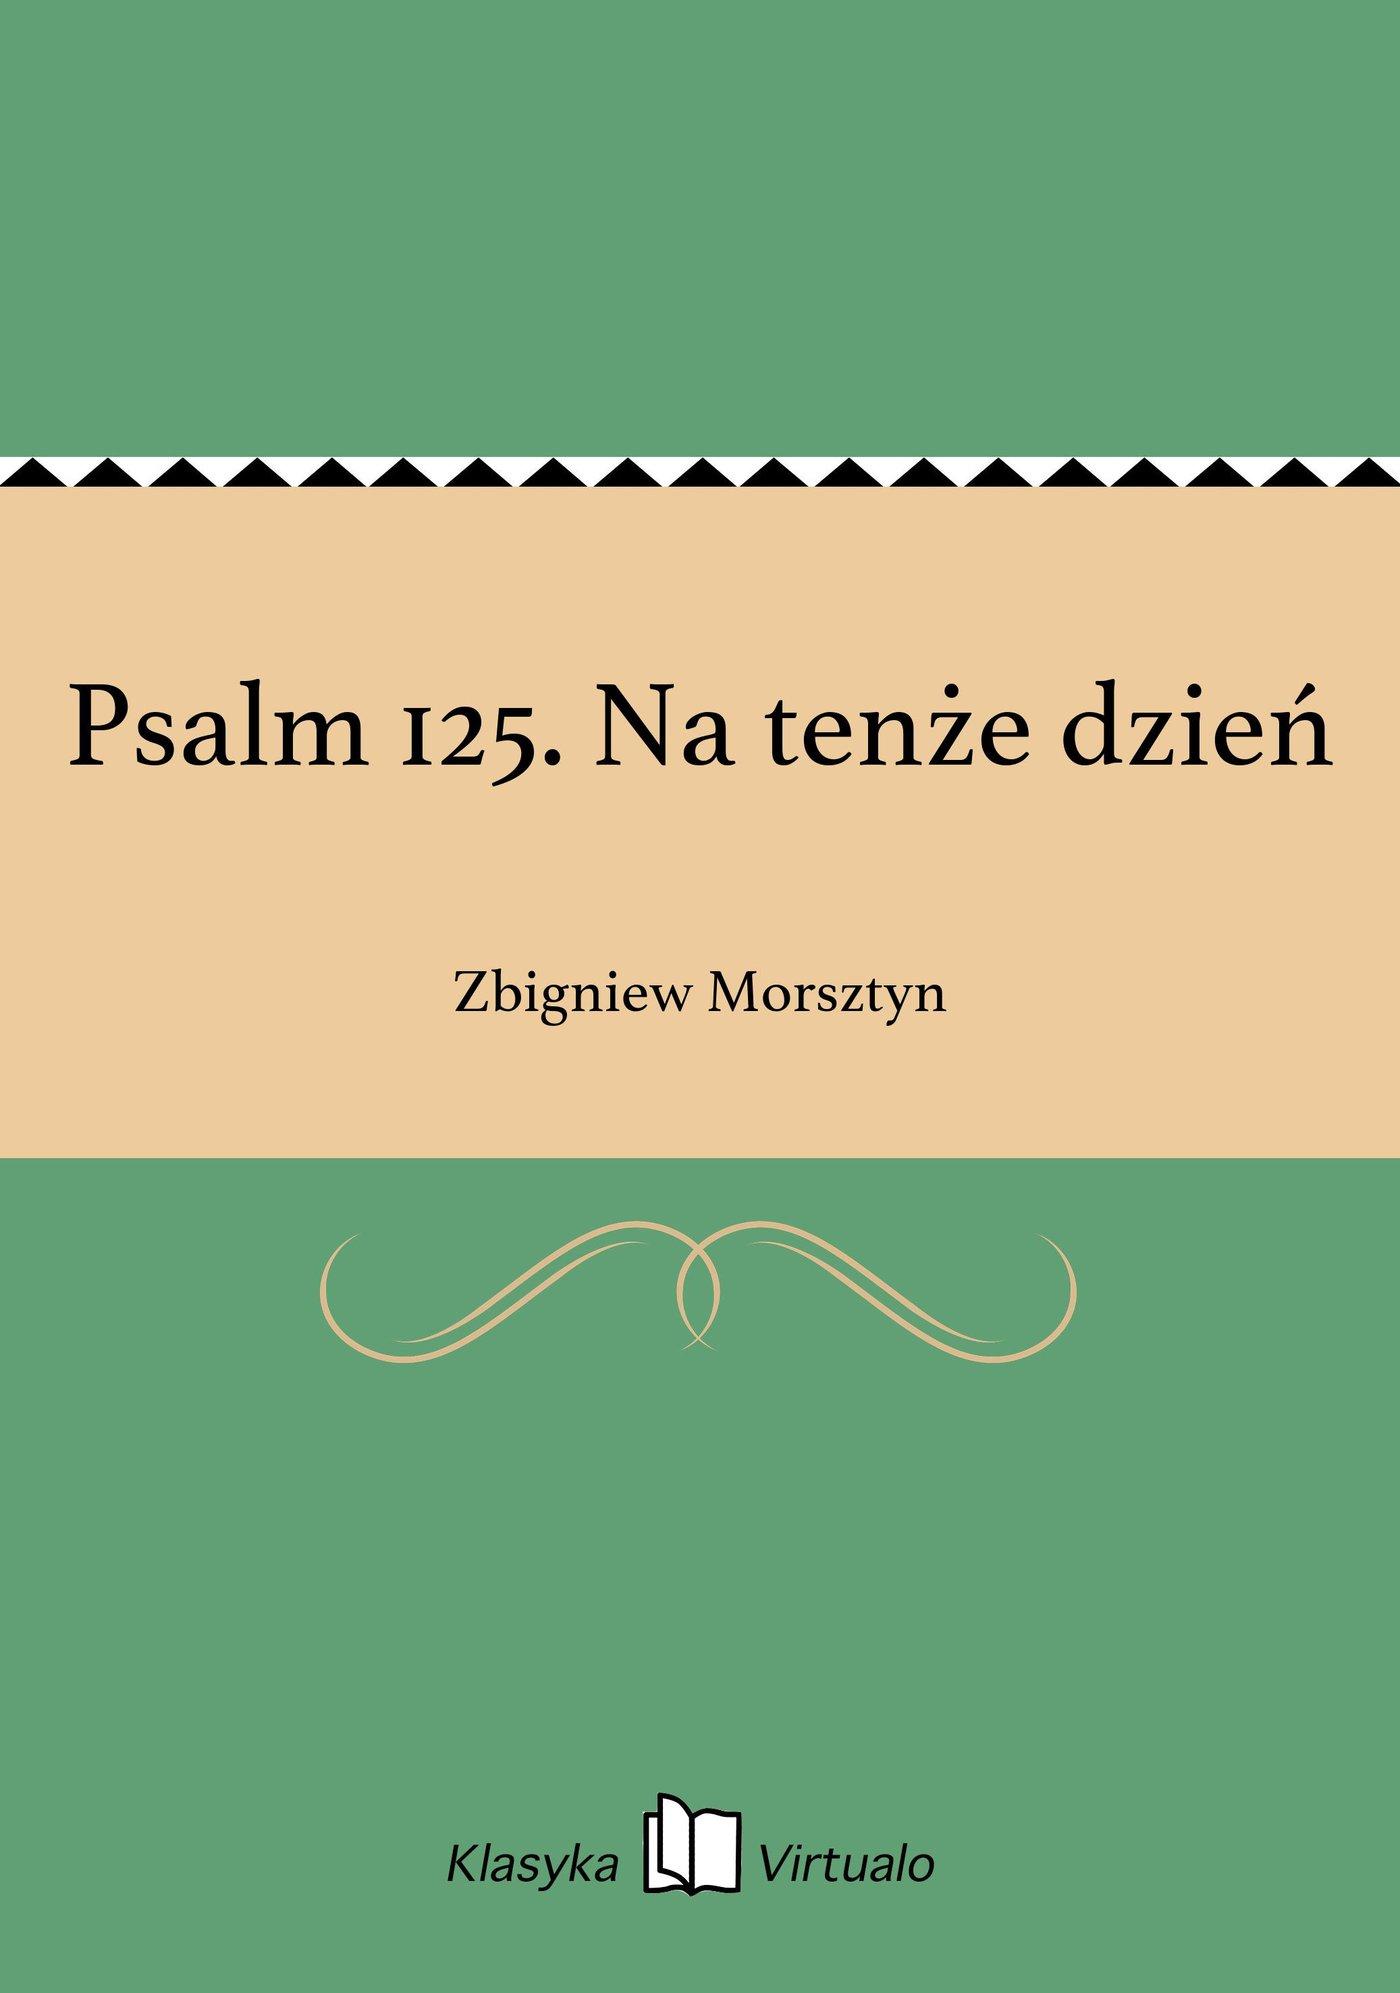 Psalm 125. Na tenże dzień - Ebook (Książka EPUB) do pobrania w formacie EPUB